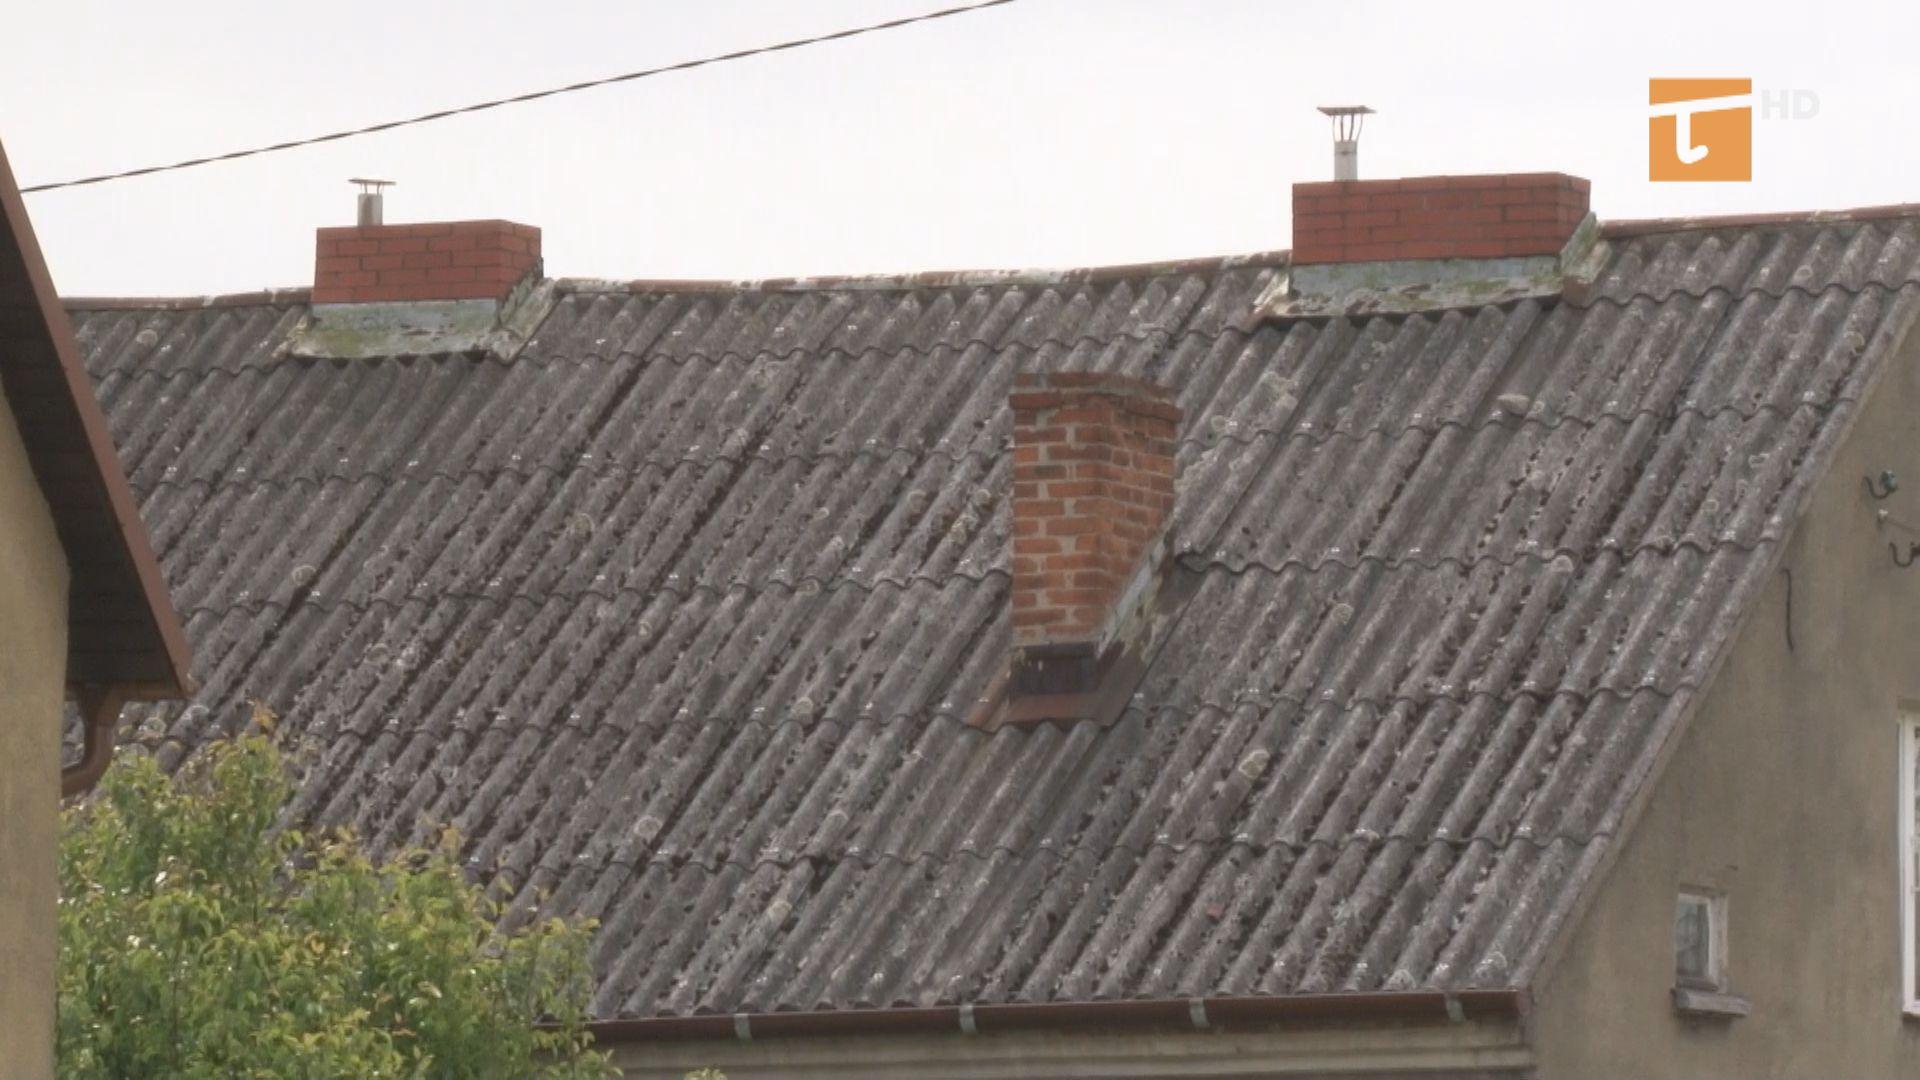 Tczewianie oraz wspólnoty mieszkaniowe mają kilka dni na złożenie wniosku o dotację na usunięcie azbestu